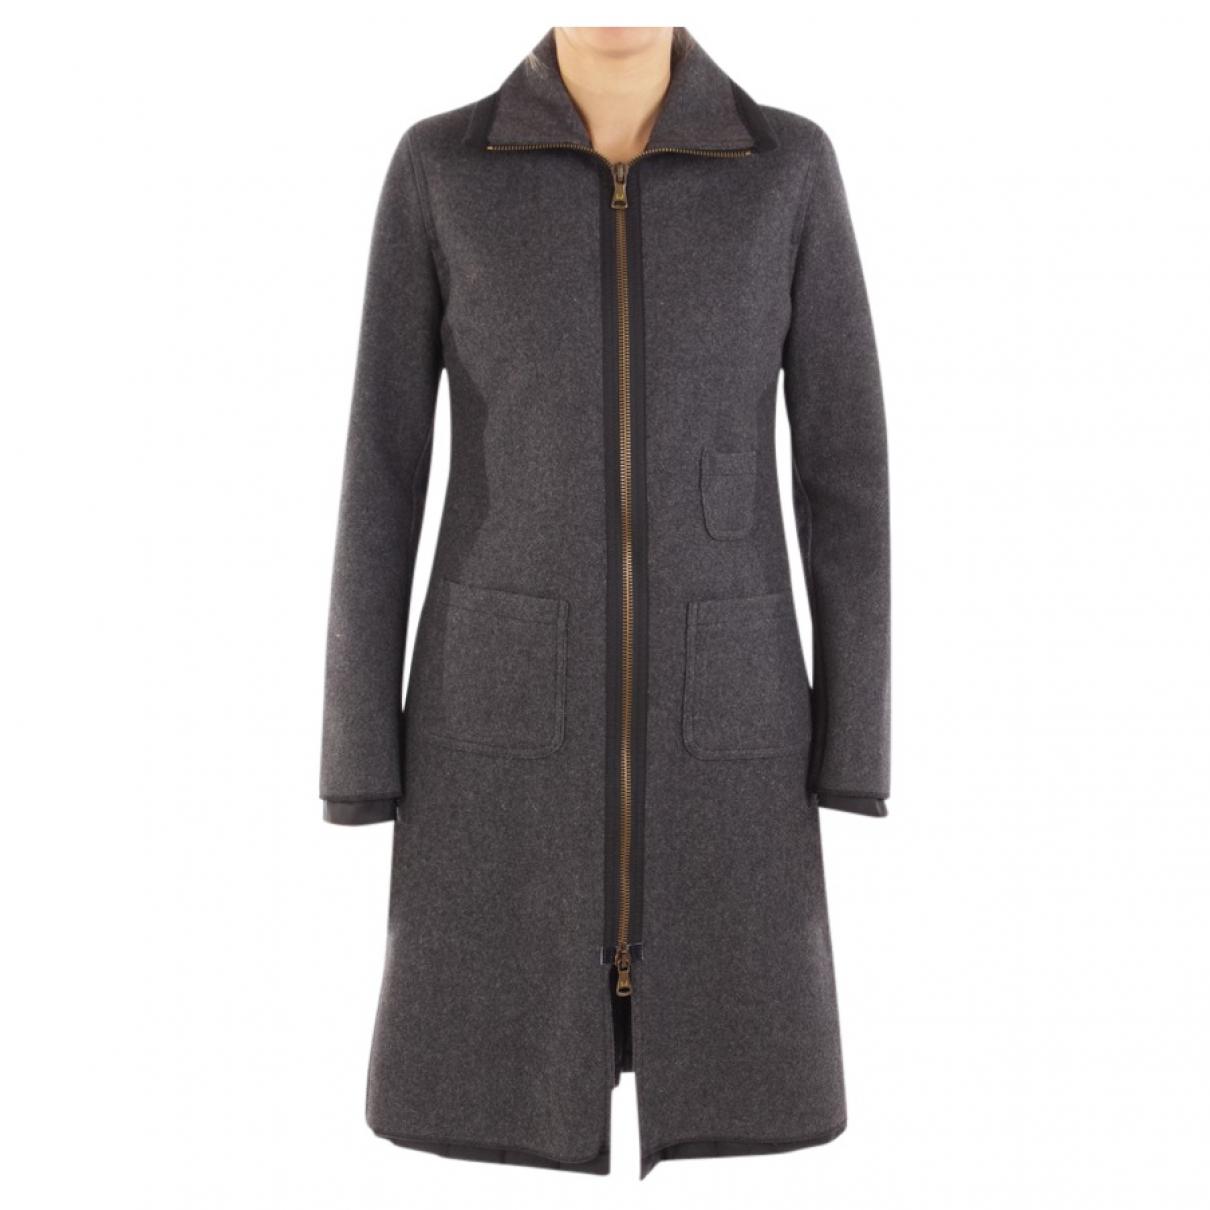 Liu.jo \N Brown Wool jacket for Women 36 FR